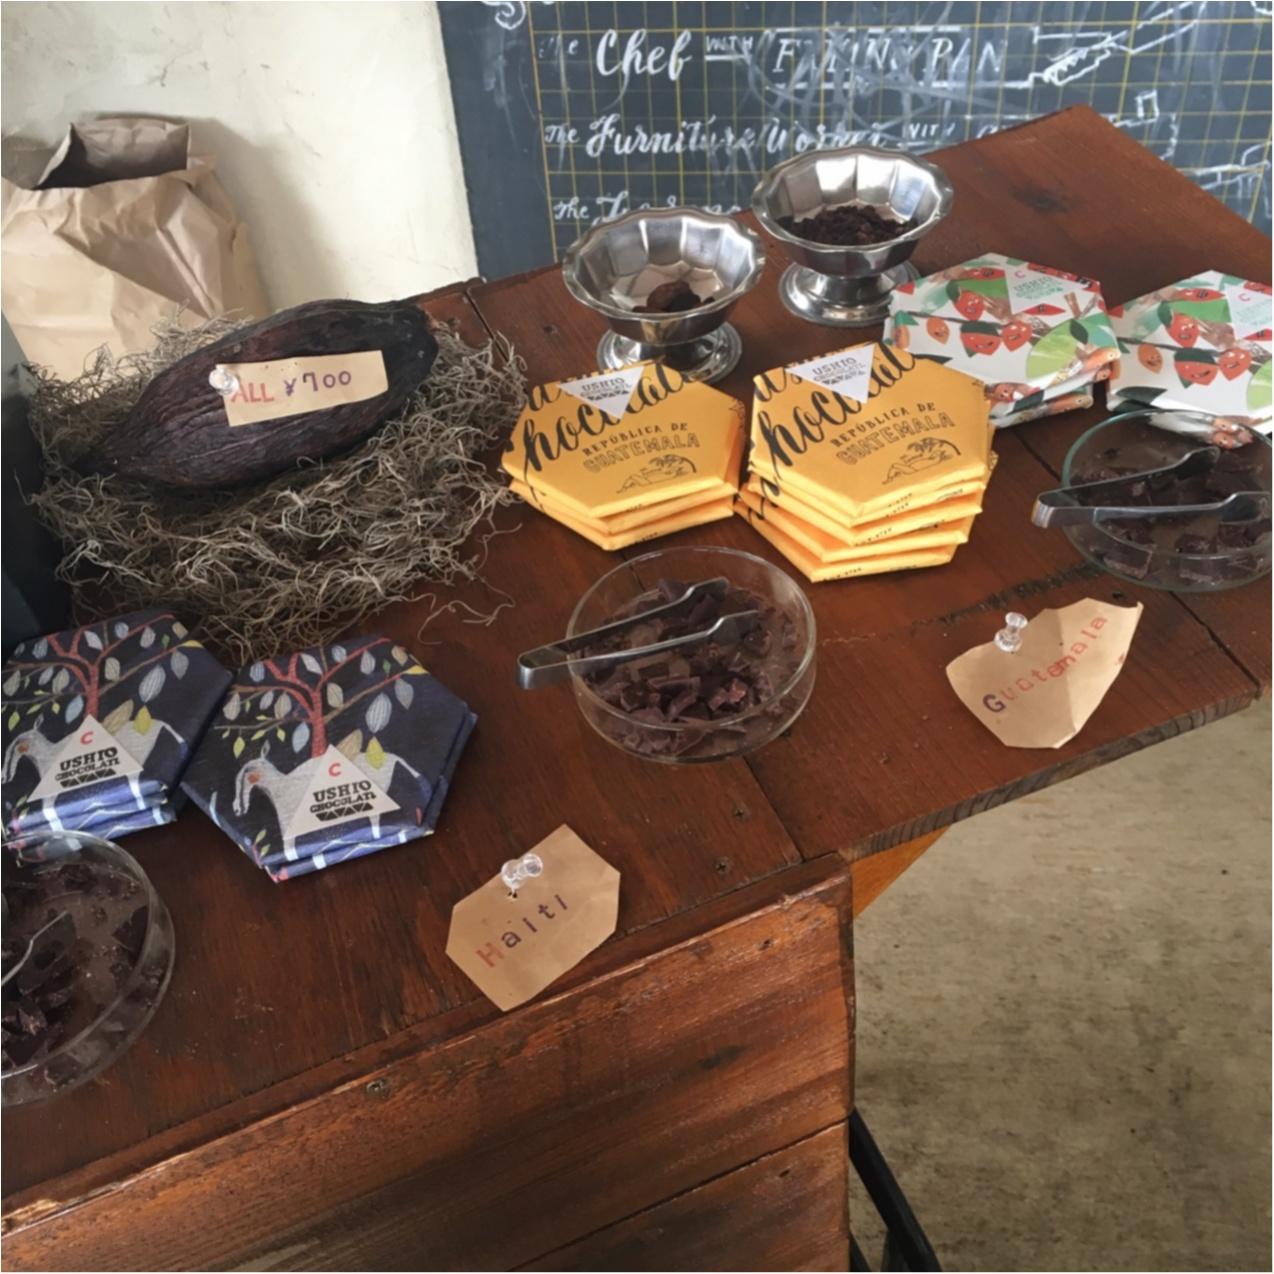 【広島・尾道】こんなチョコレートはじめて♪ カカオ豆と砂糖のみで作られる新鮮チョコレートはいかが? ♡_3